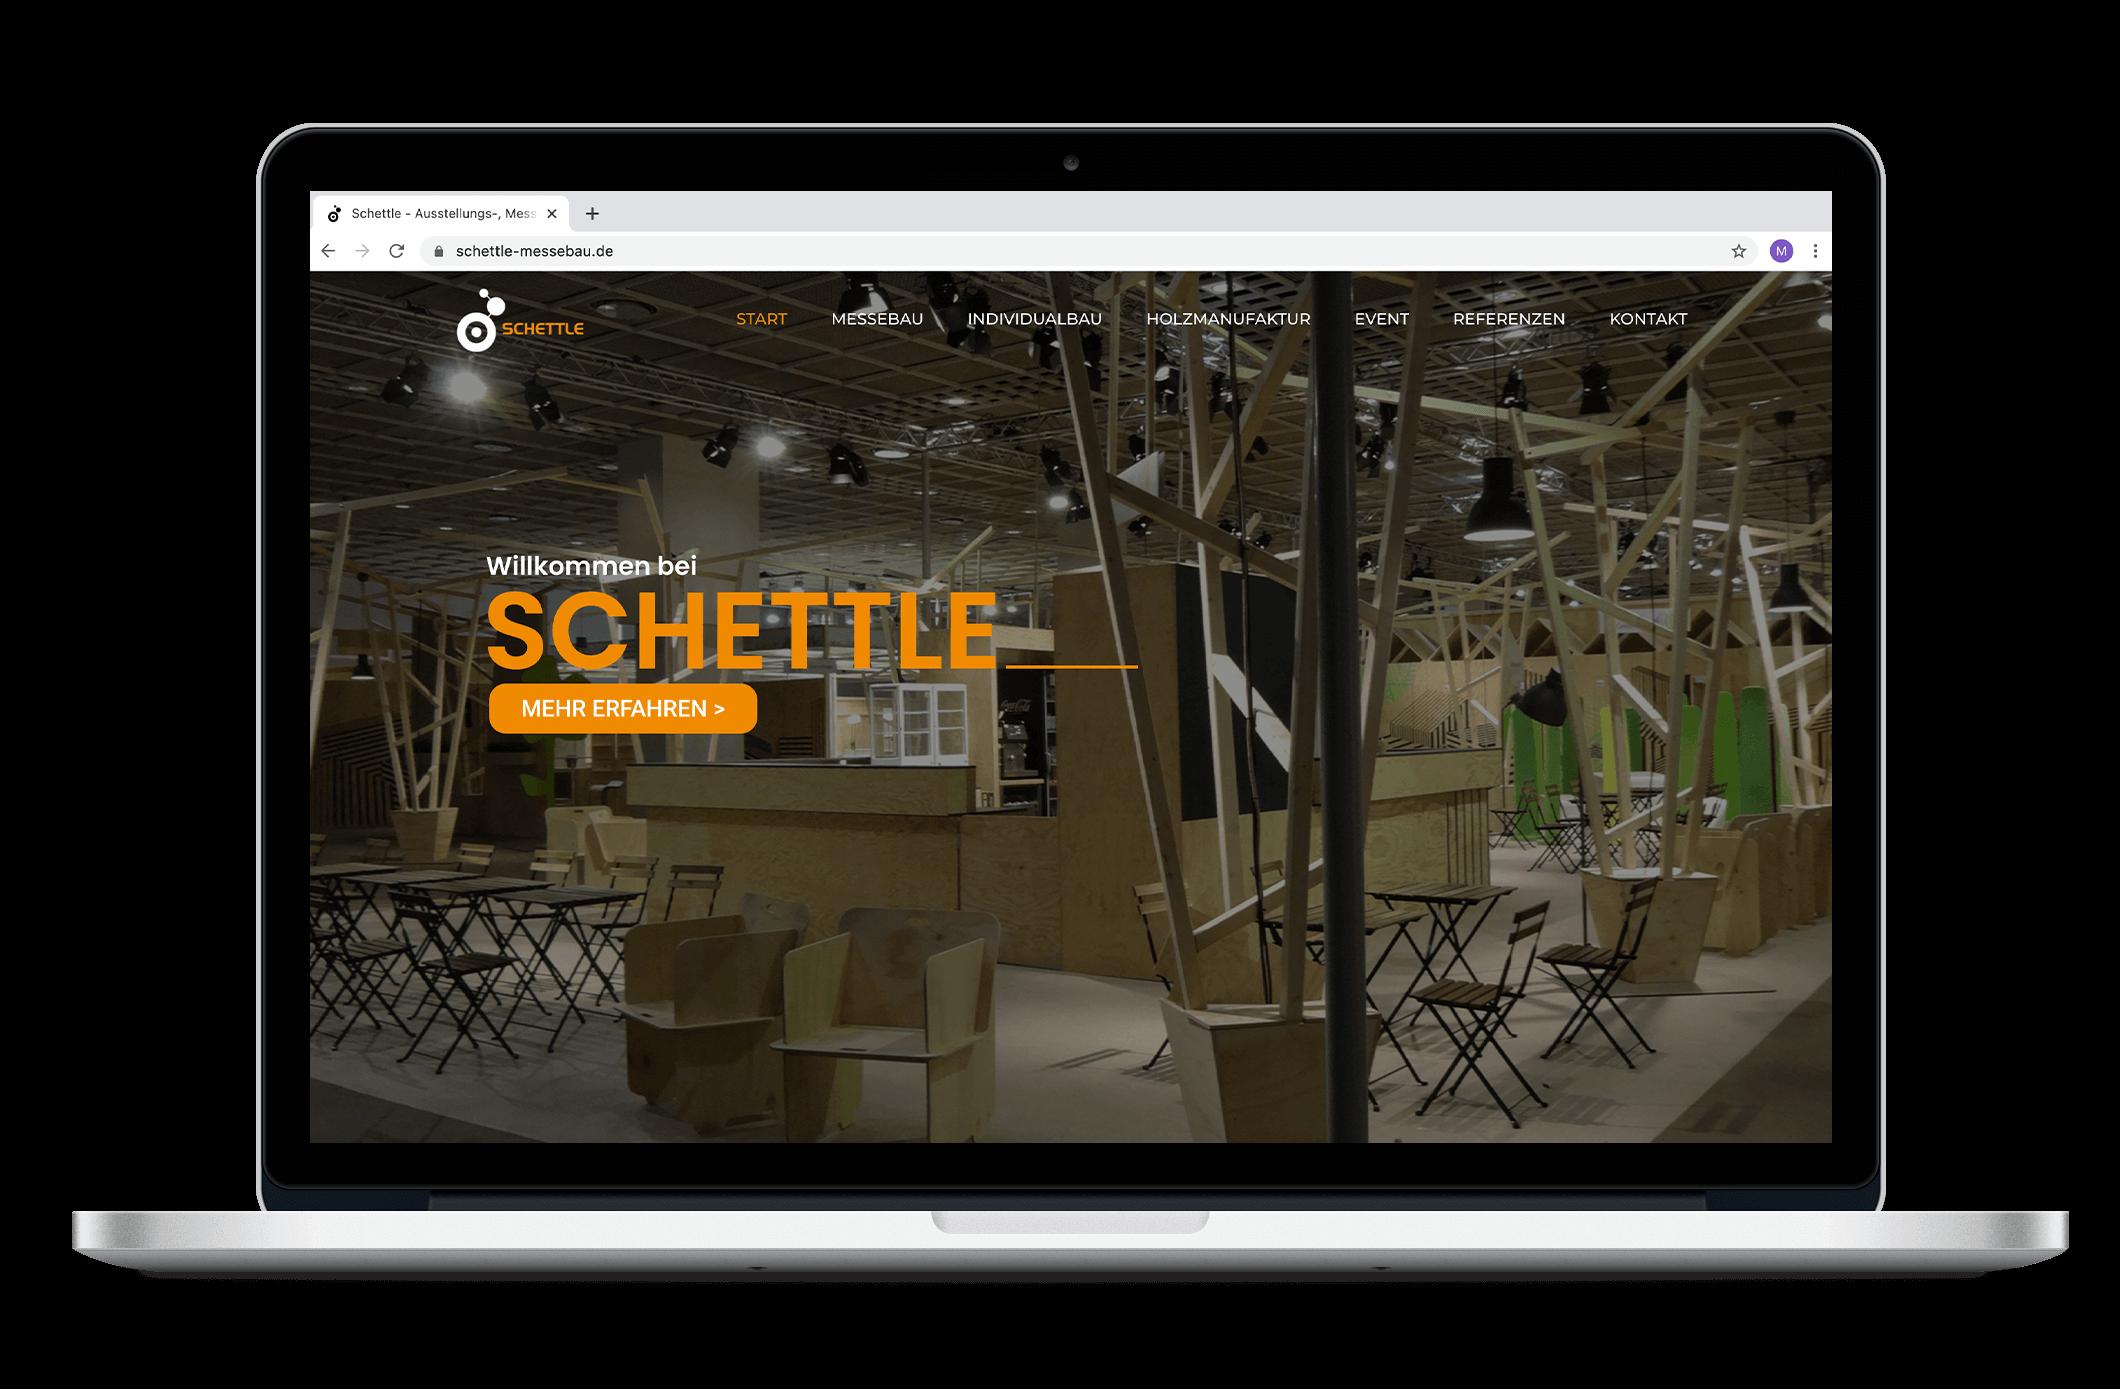 Schettle Messebau | Webdesign | Grafikdesign